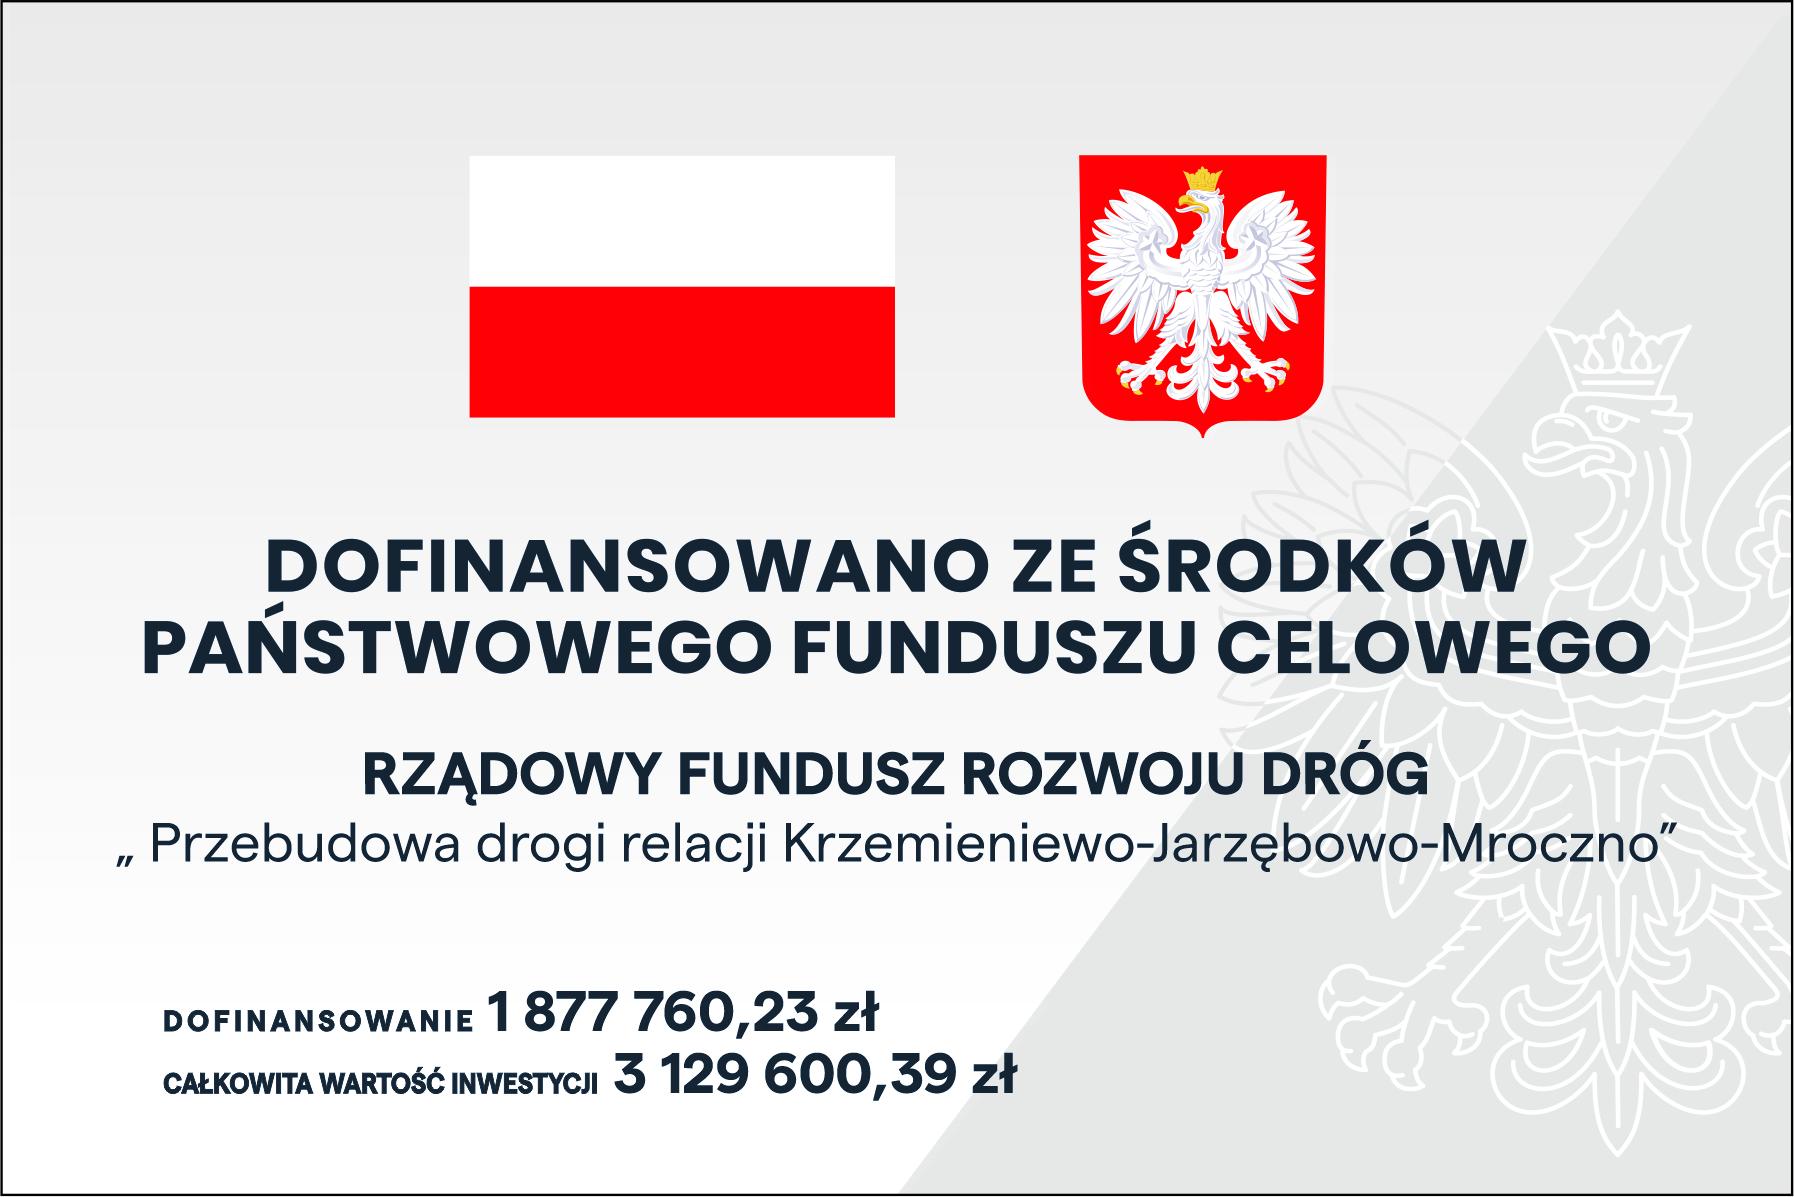 Ilustracja do informacji: Przebudowa drogi relacji Krzemieniewo-Jarzębowo-Mroczno